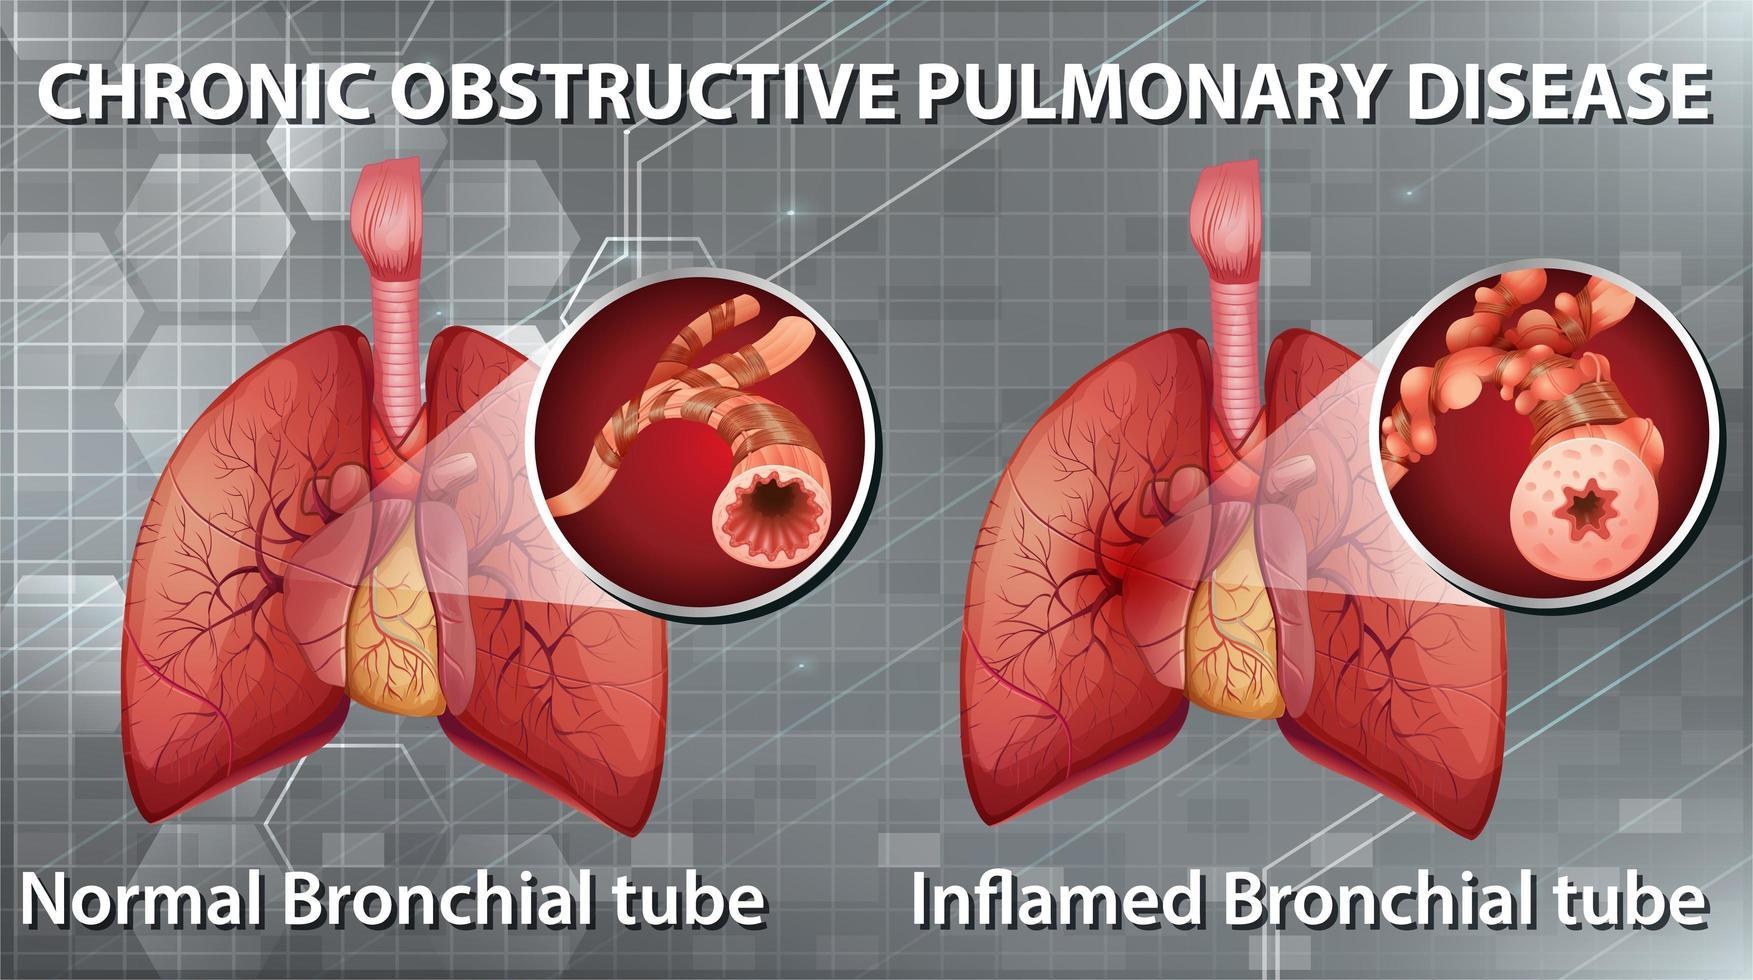 tabla de enfermedad pulmonar obstructiva crónica vector